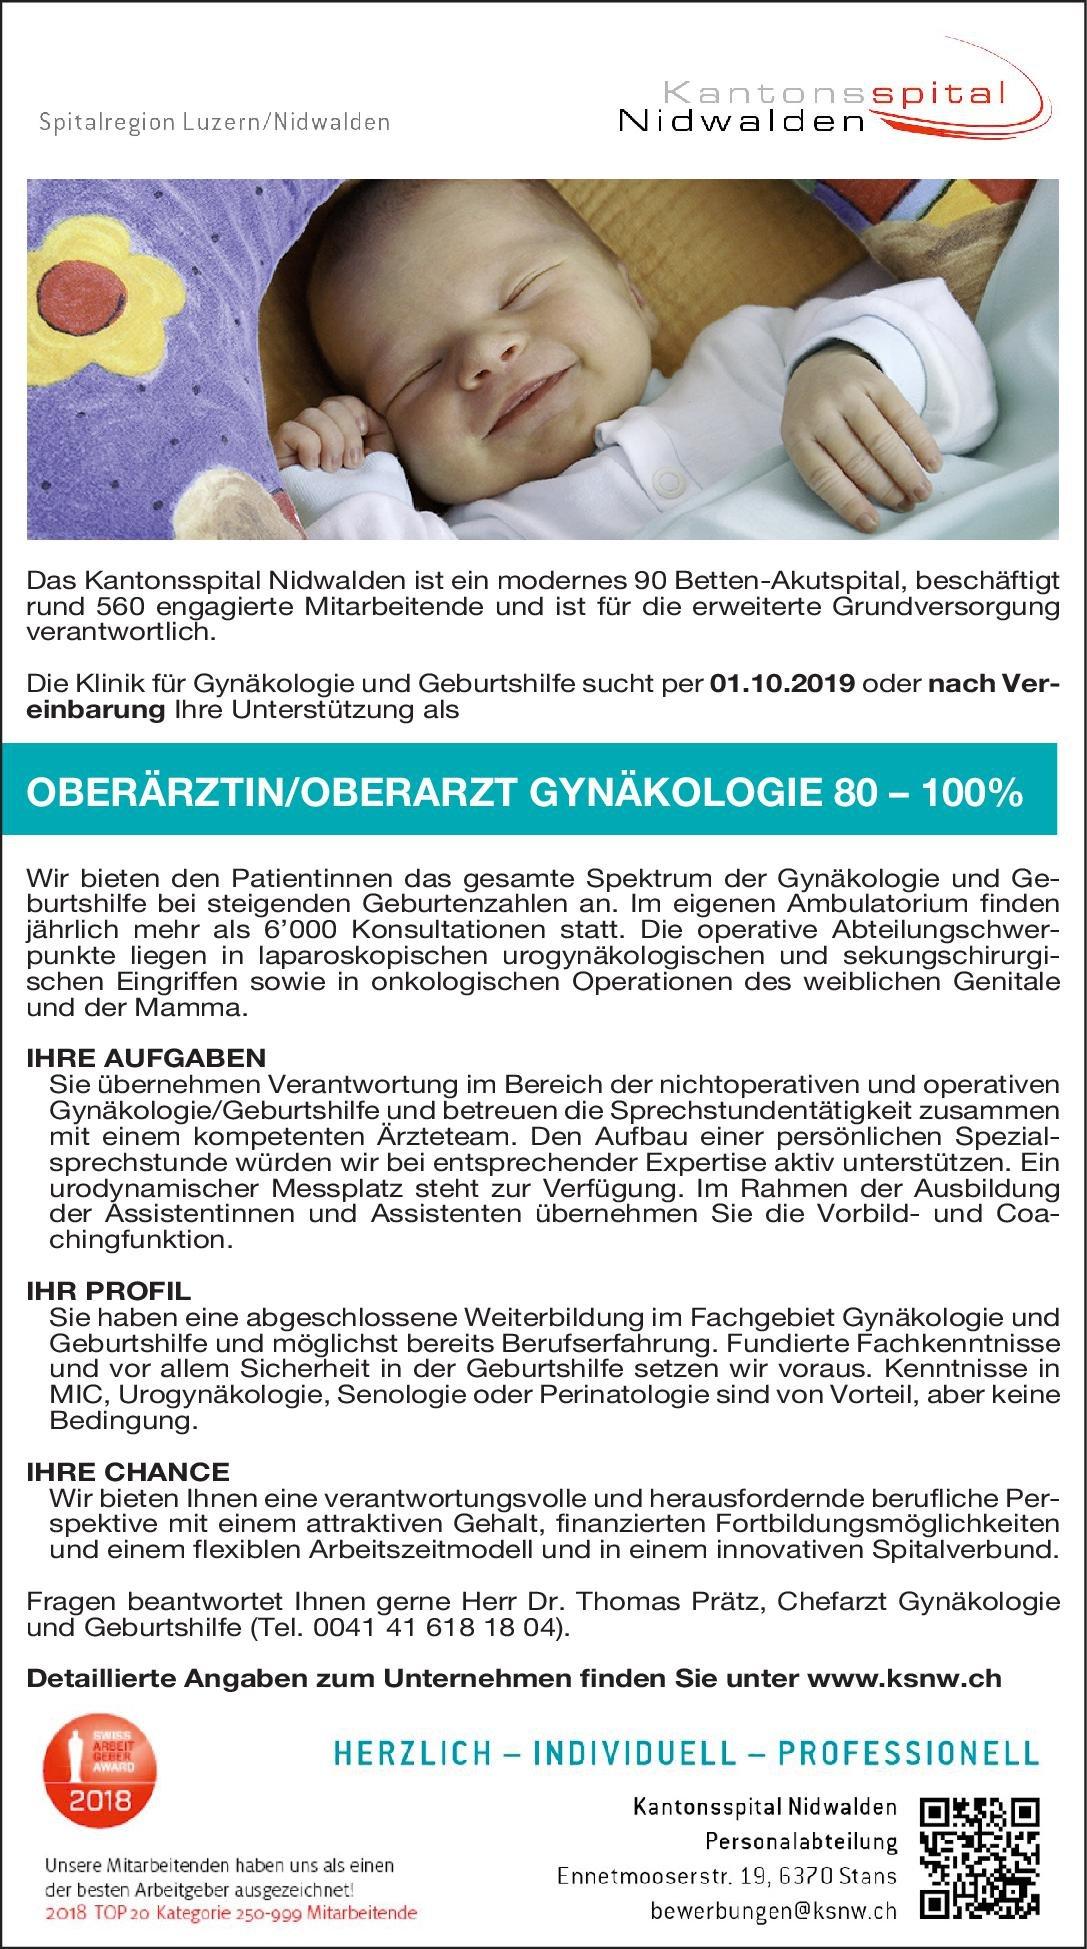 Kantonsspital Nidwalden Oberärztin/Oberarzt Gynäkologie 80-100%  Frauenheilkunde und Geburtshilfe, Frauenheilkunde und Geburtshilfe Oberarzt